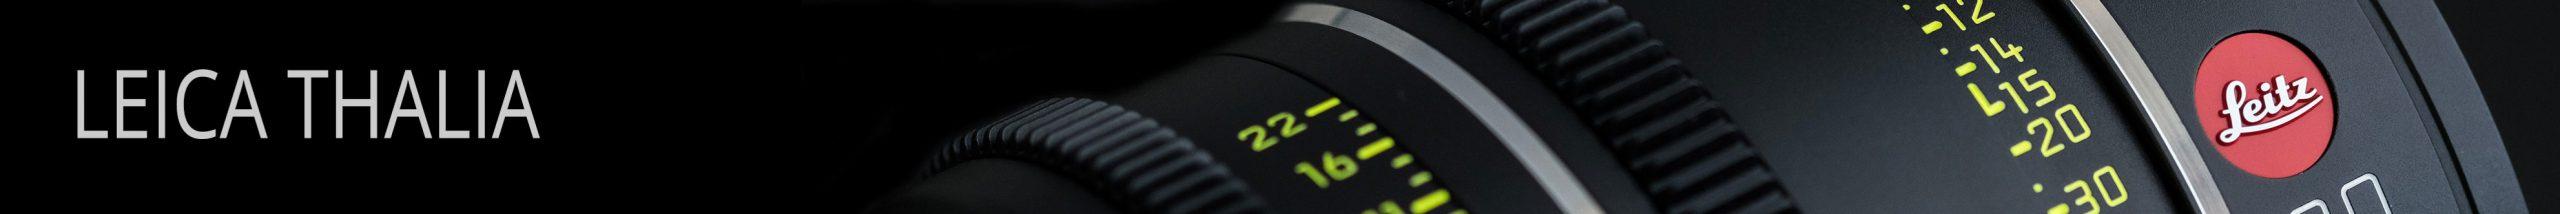 Leica Leitz Thalia banner